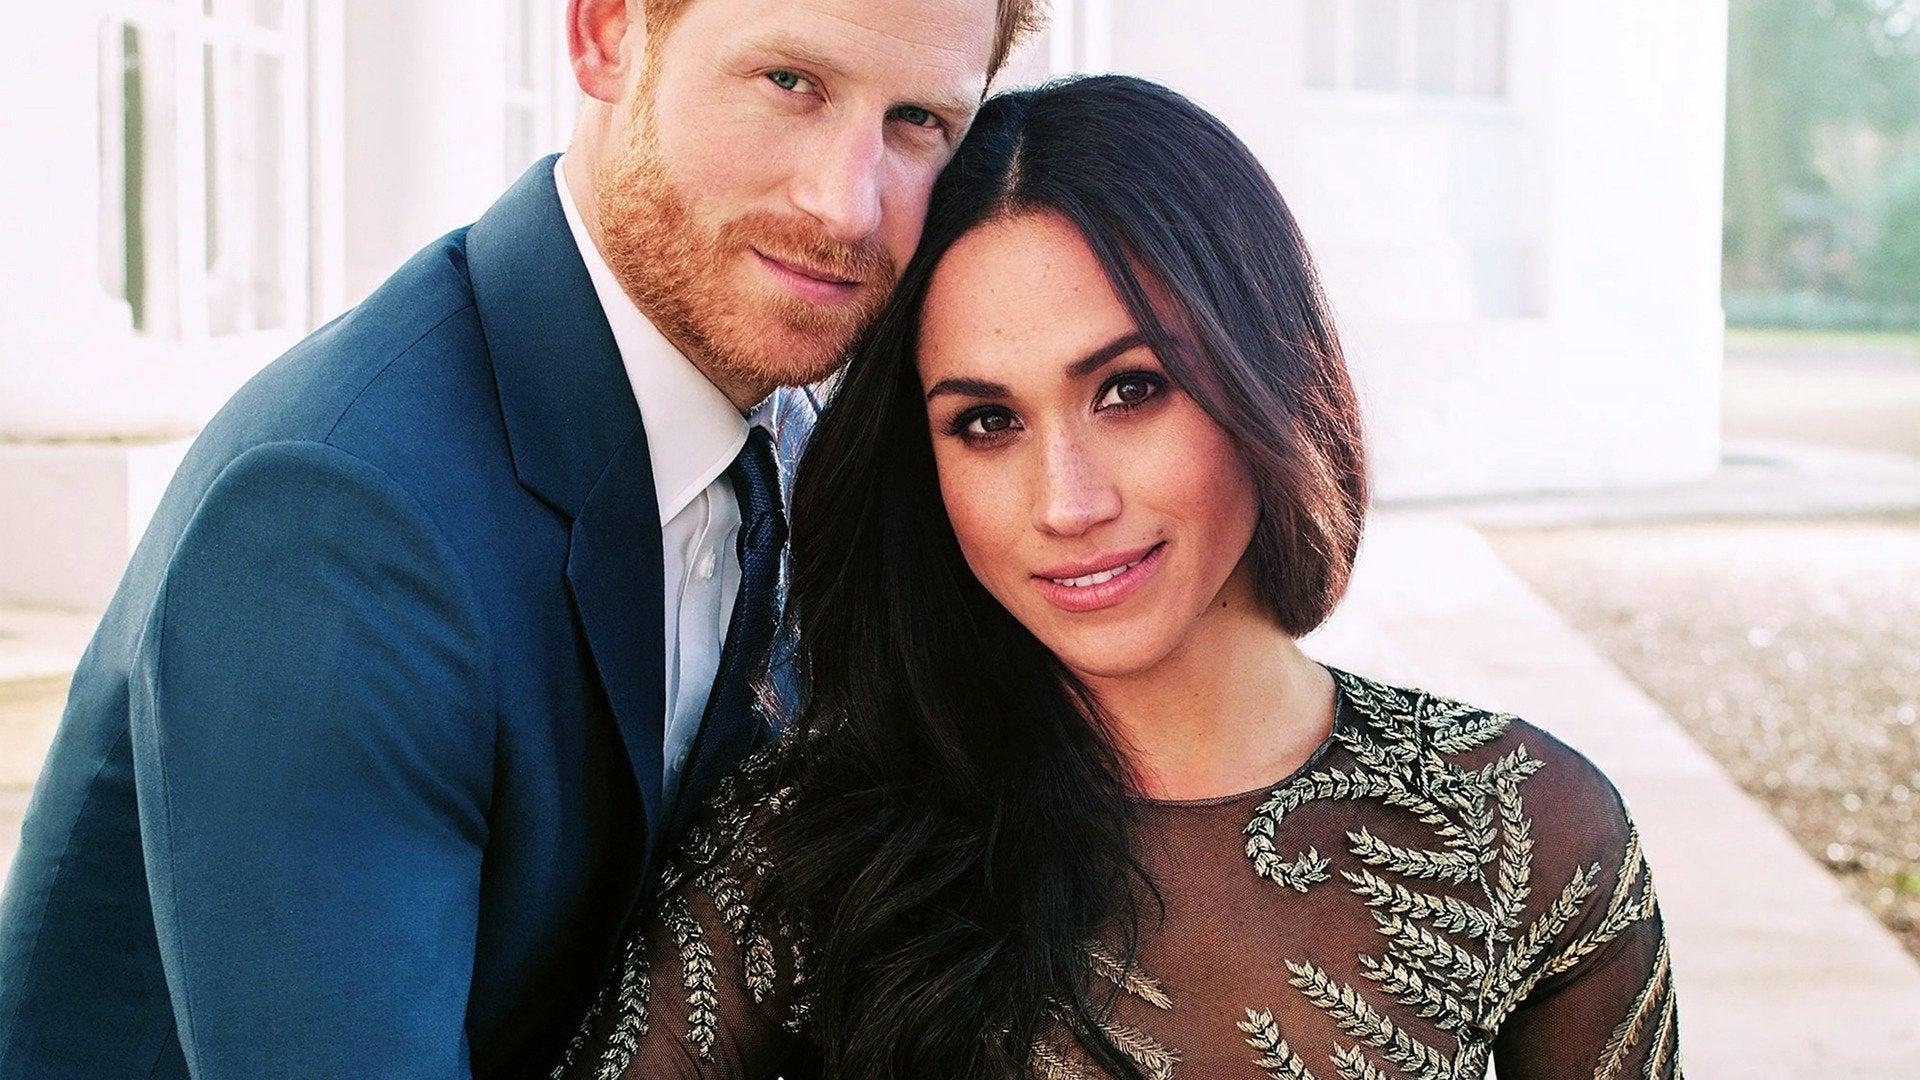 Harry & Meghan: The Royal Wedding